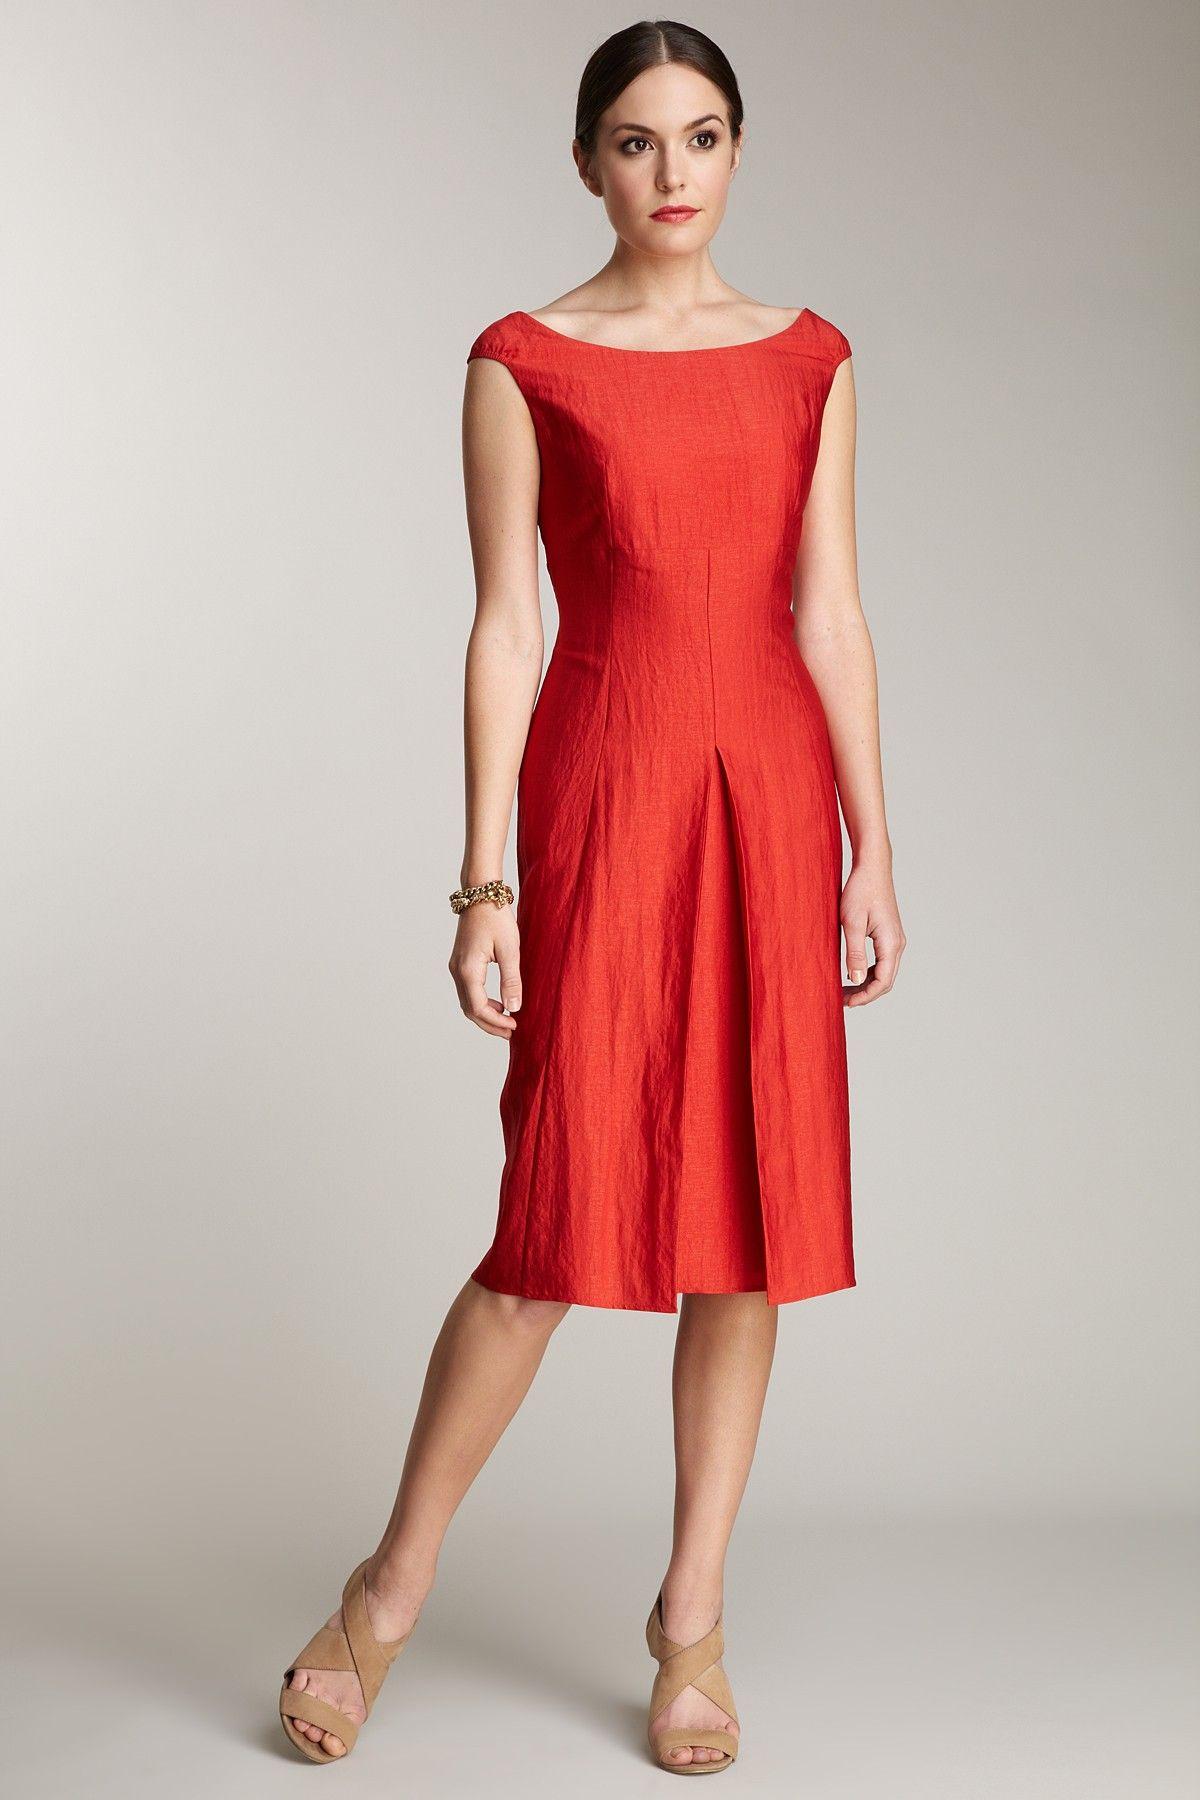 Lafayette 148 New York New York Kara Dress HauteLook